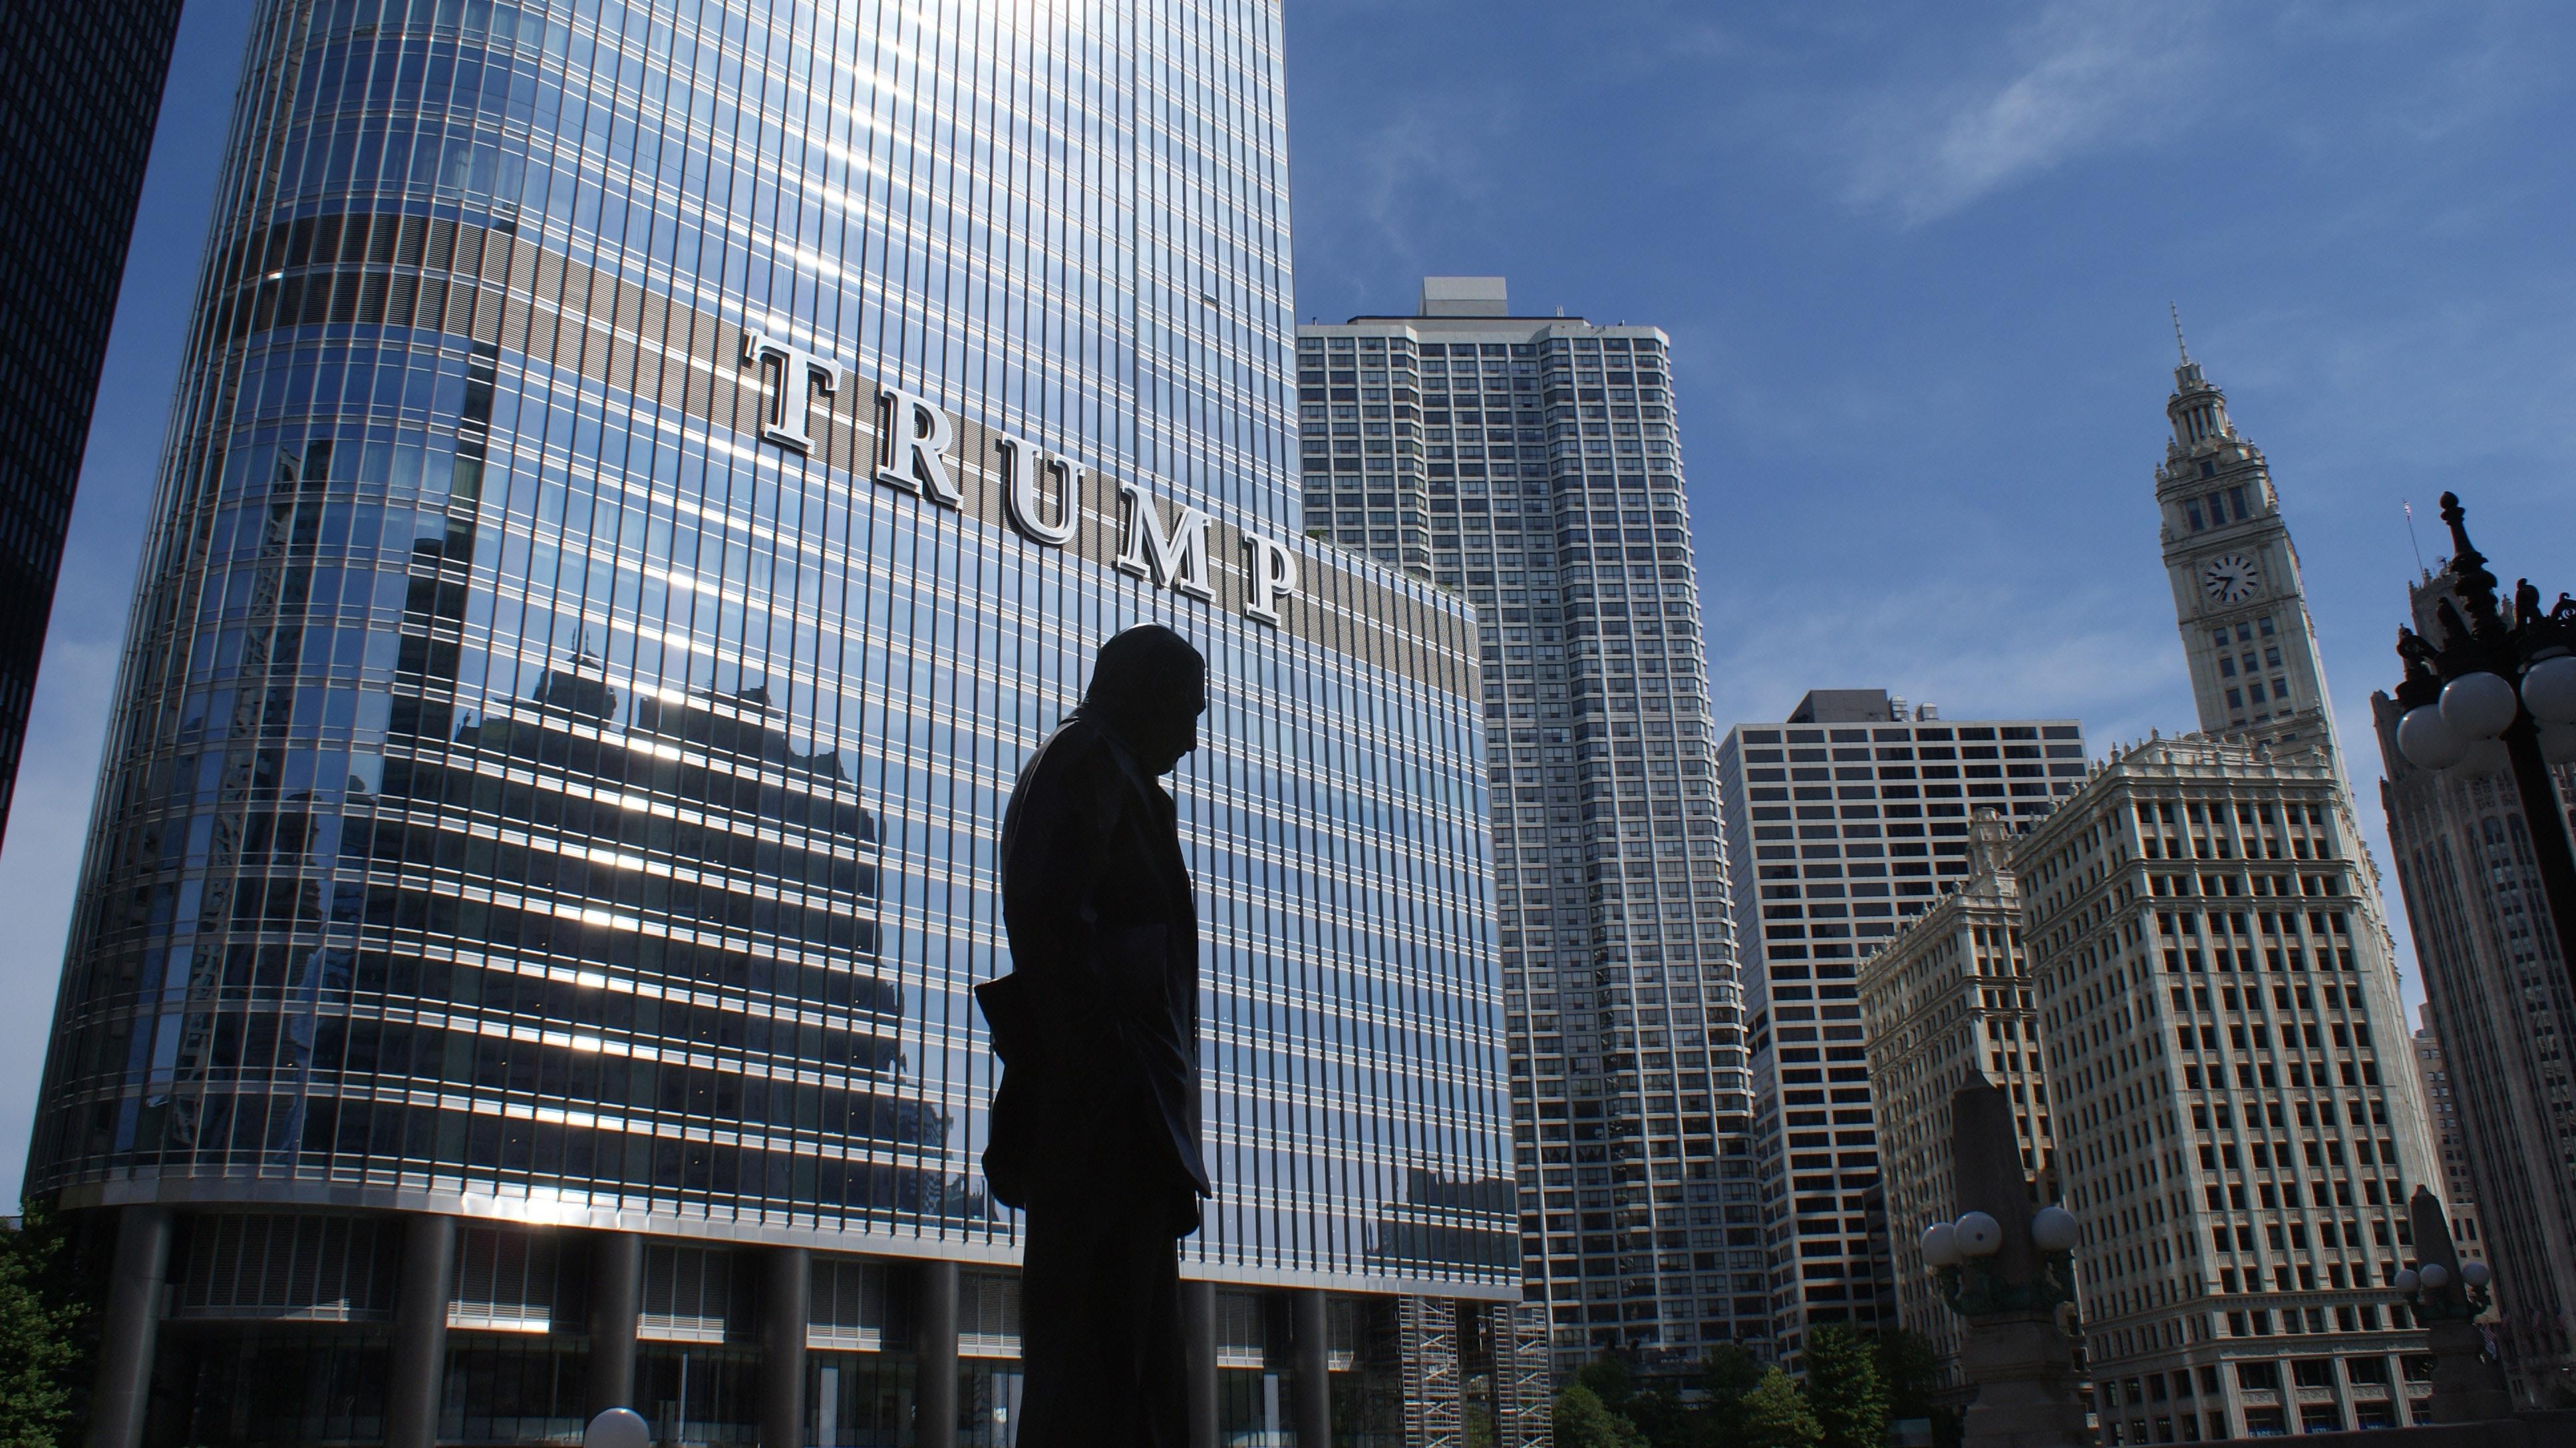 ¿Por qué Donald Trump no paga impuestos?